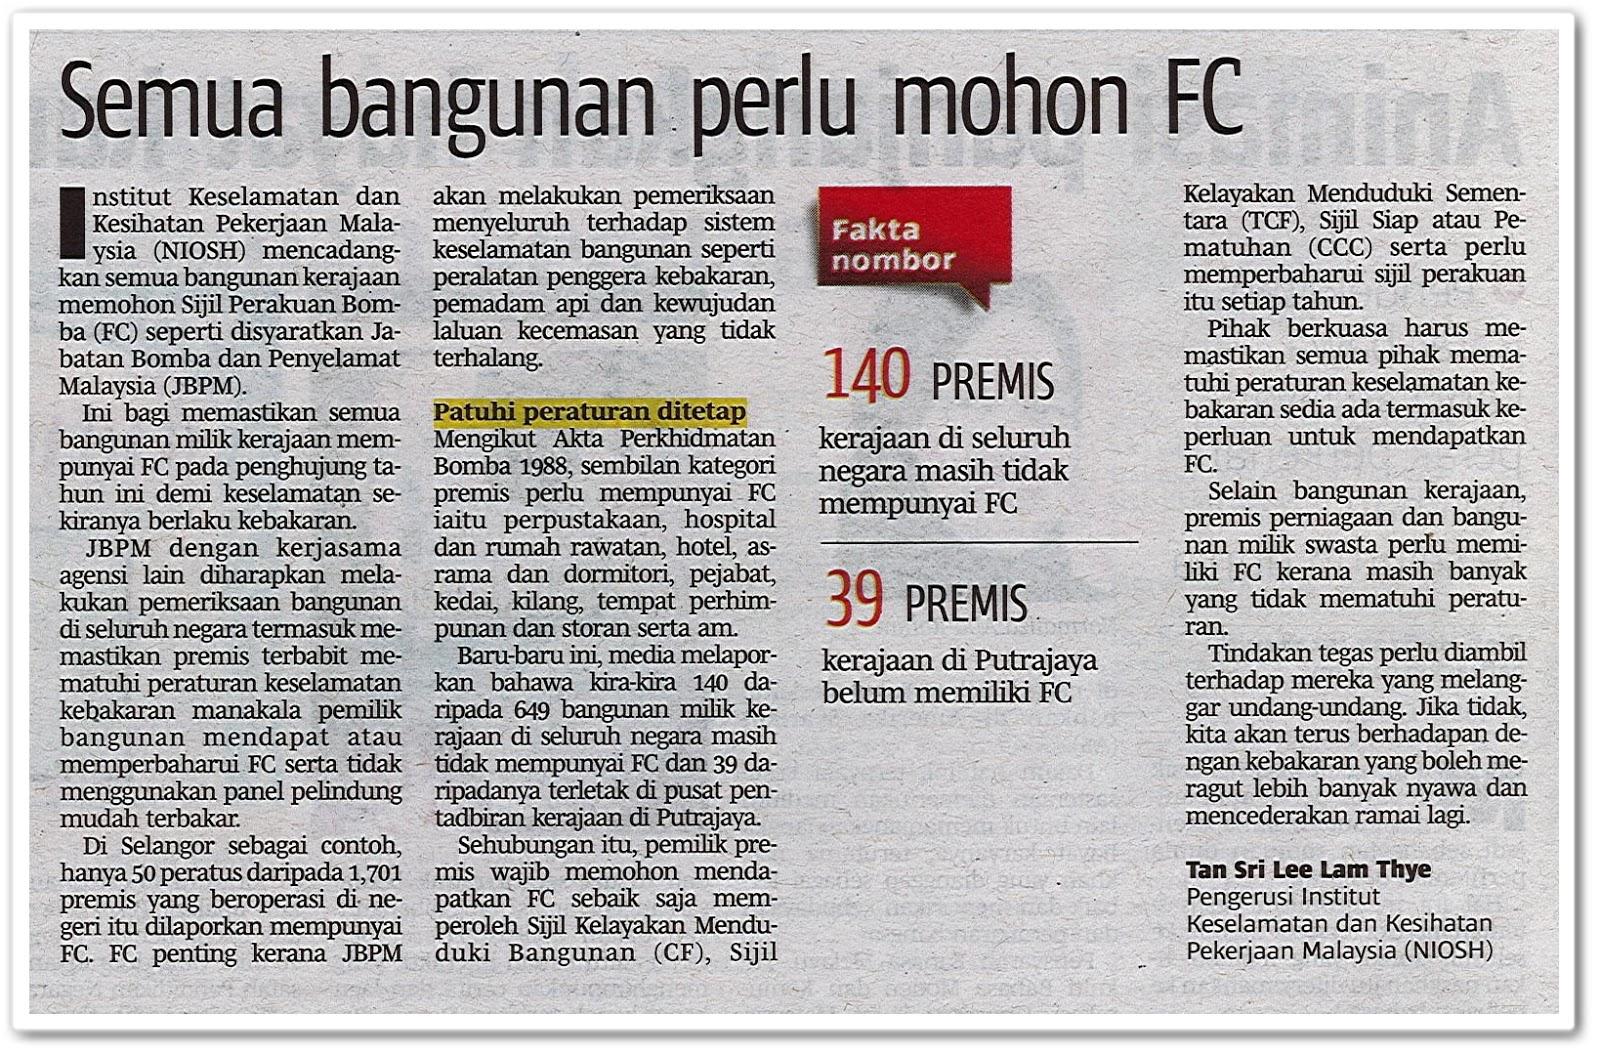 Semua bangunan perlu mohon FC - Keratan akhbar Berita Harian 13 Jun 2019